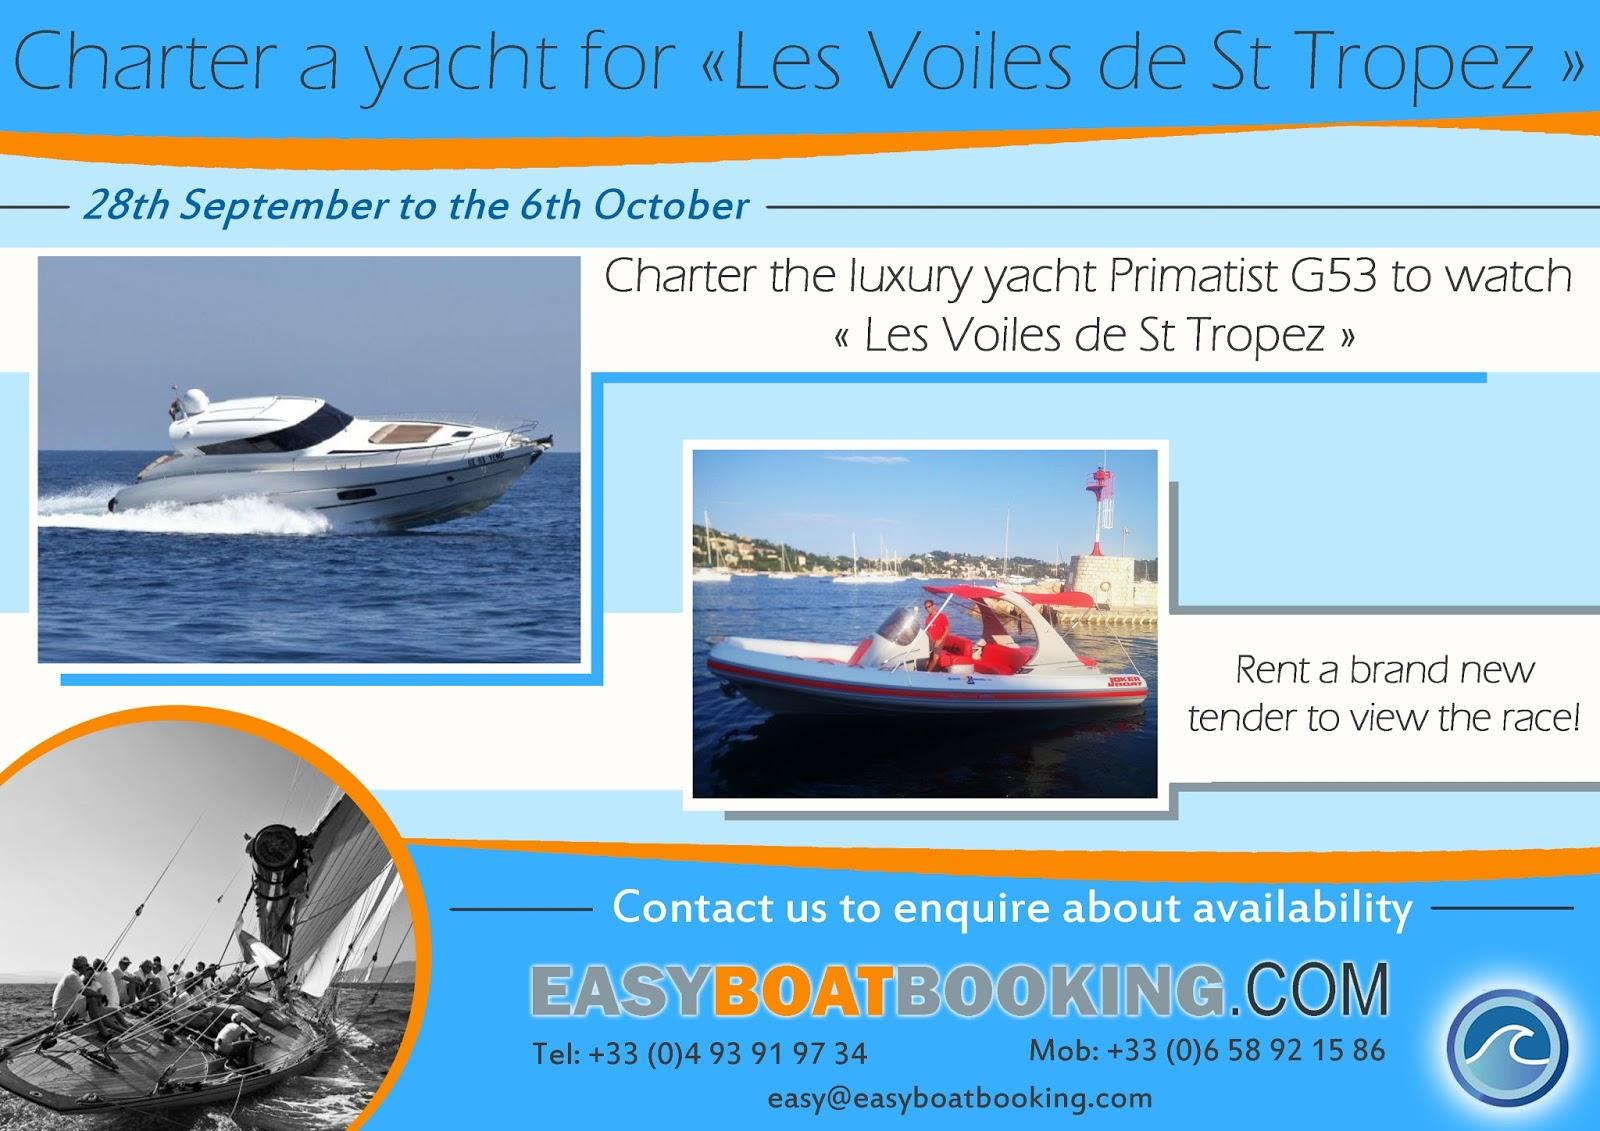 Les Voiles de St Tropez boat rental